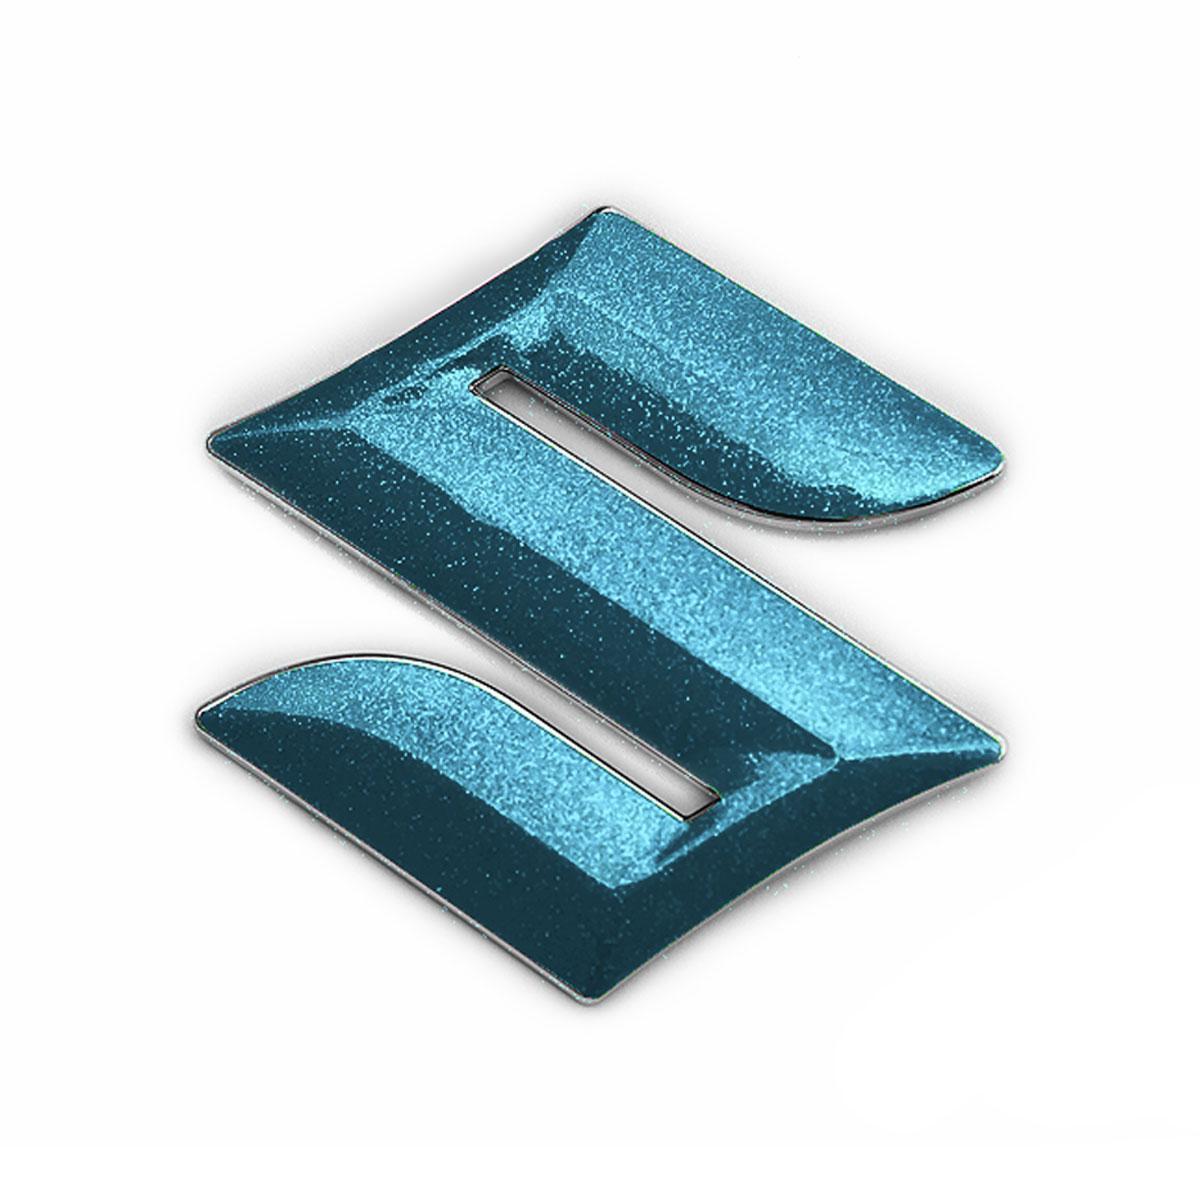 メール便送料無料 SUZUKI SWIFTSPORT用パーツ BATBERRYエンブレムフィルム EFZ01m スズキマーク スイフトスポーツ ZC31S 卓抜 粗目メタリックライトブルー フロント メタリックフレークシート フロント用 人気ショップが最安値挑戦